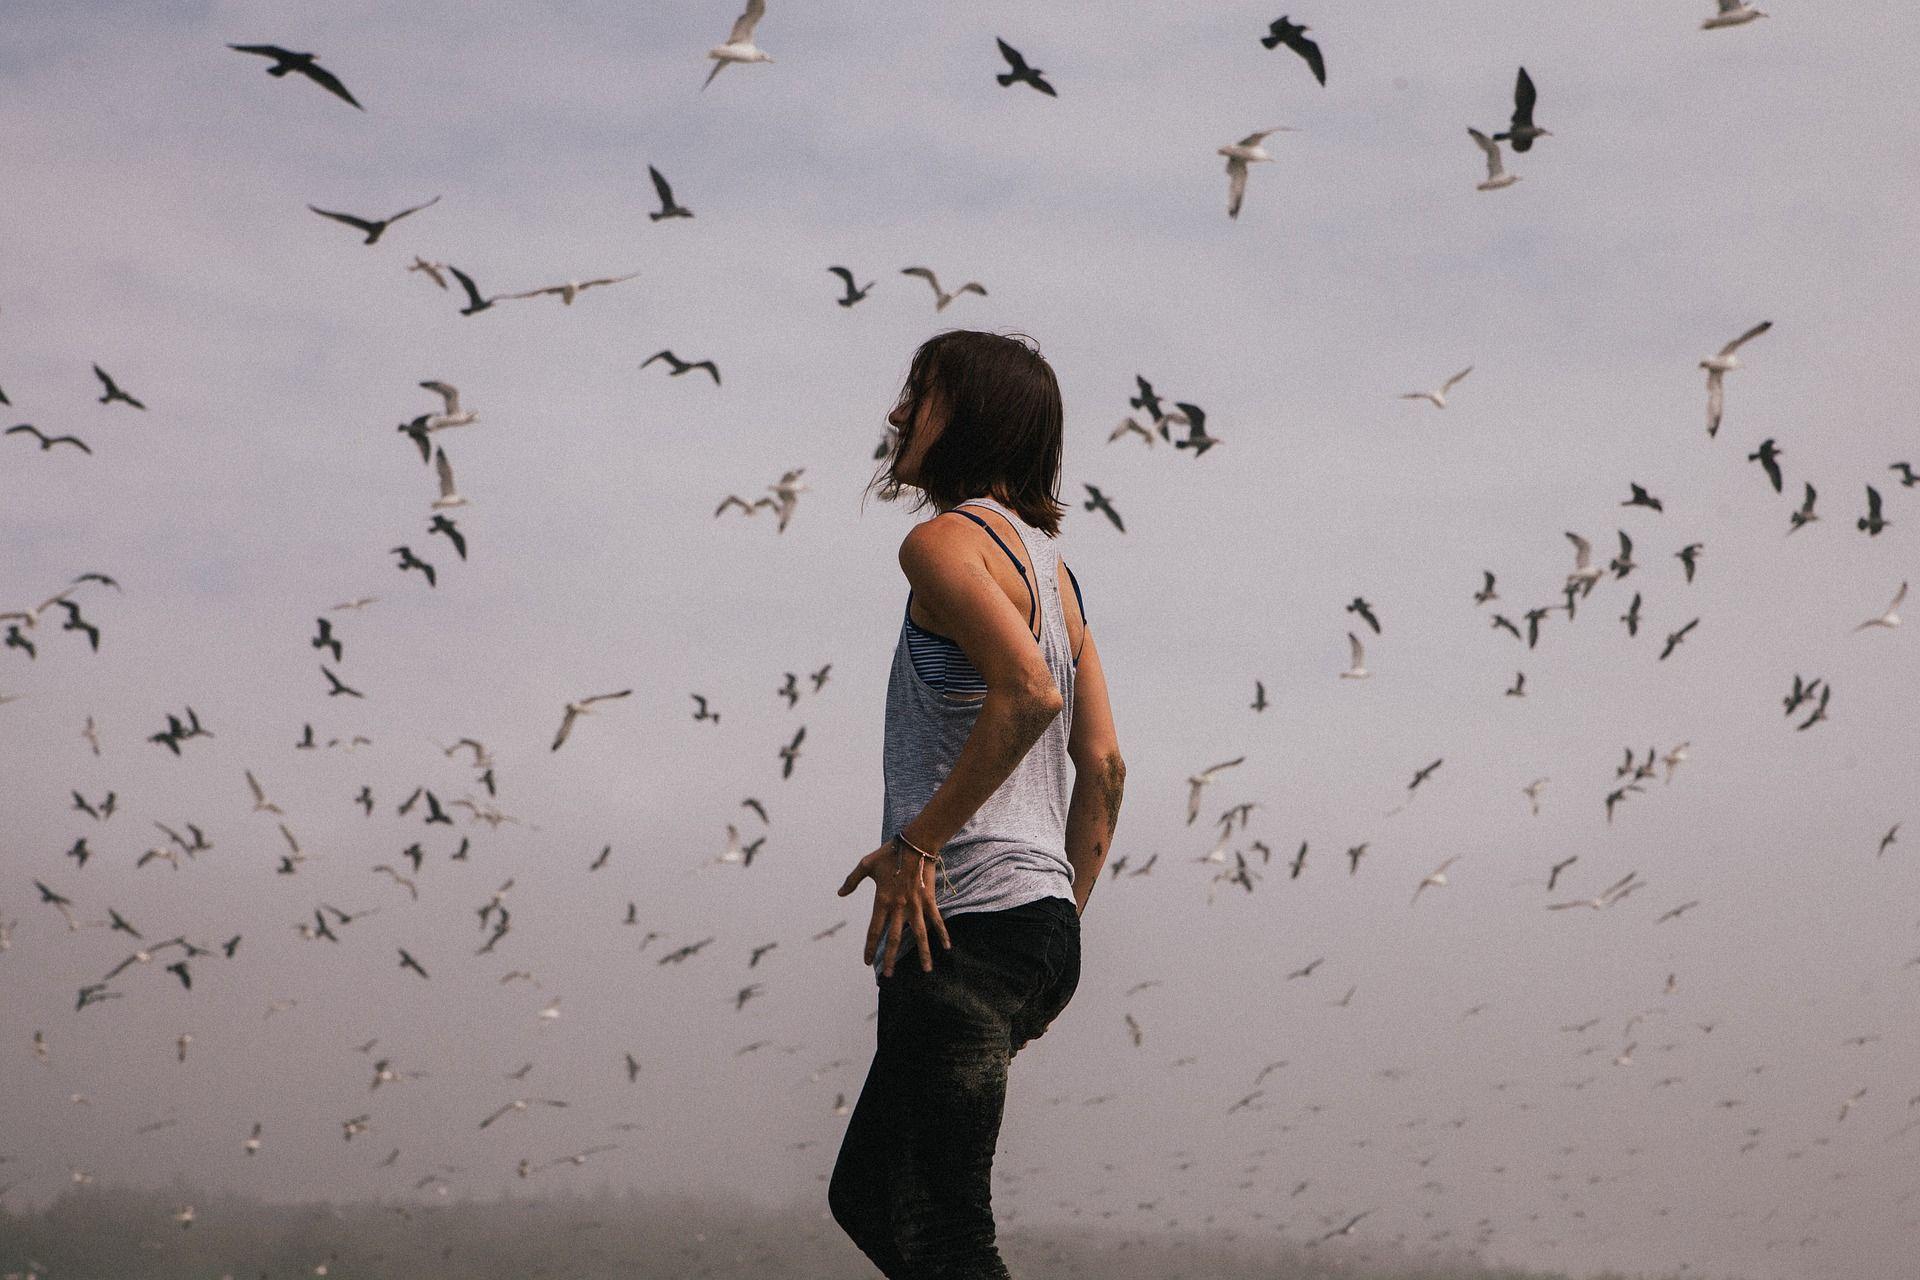 """Die Vogelhochzeit naht, so dass mir die Frage aufkommt, ob ihr denn auch alle gut zu Vögeln seid!Meine Jule meinte darauf mal: """"Ja, das bin ich!"""" Und sie hat es dann auch so formuliert! Ins Fachgebiet der Vogelkunde, auch Ornithologie genannt, hat Jule sich von erster Stunde, sofort und unheilbar verrannt! Um weiter im Gespräch…"""